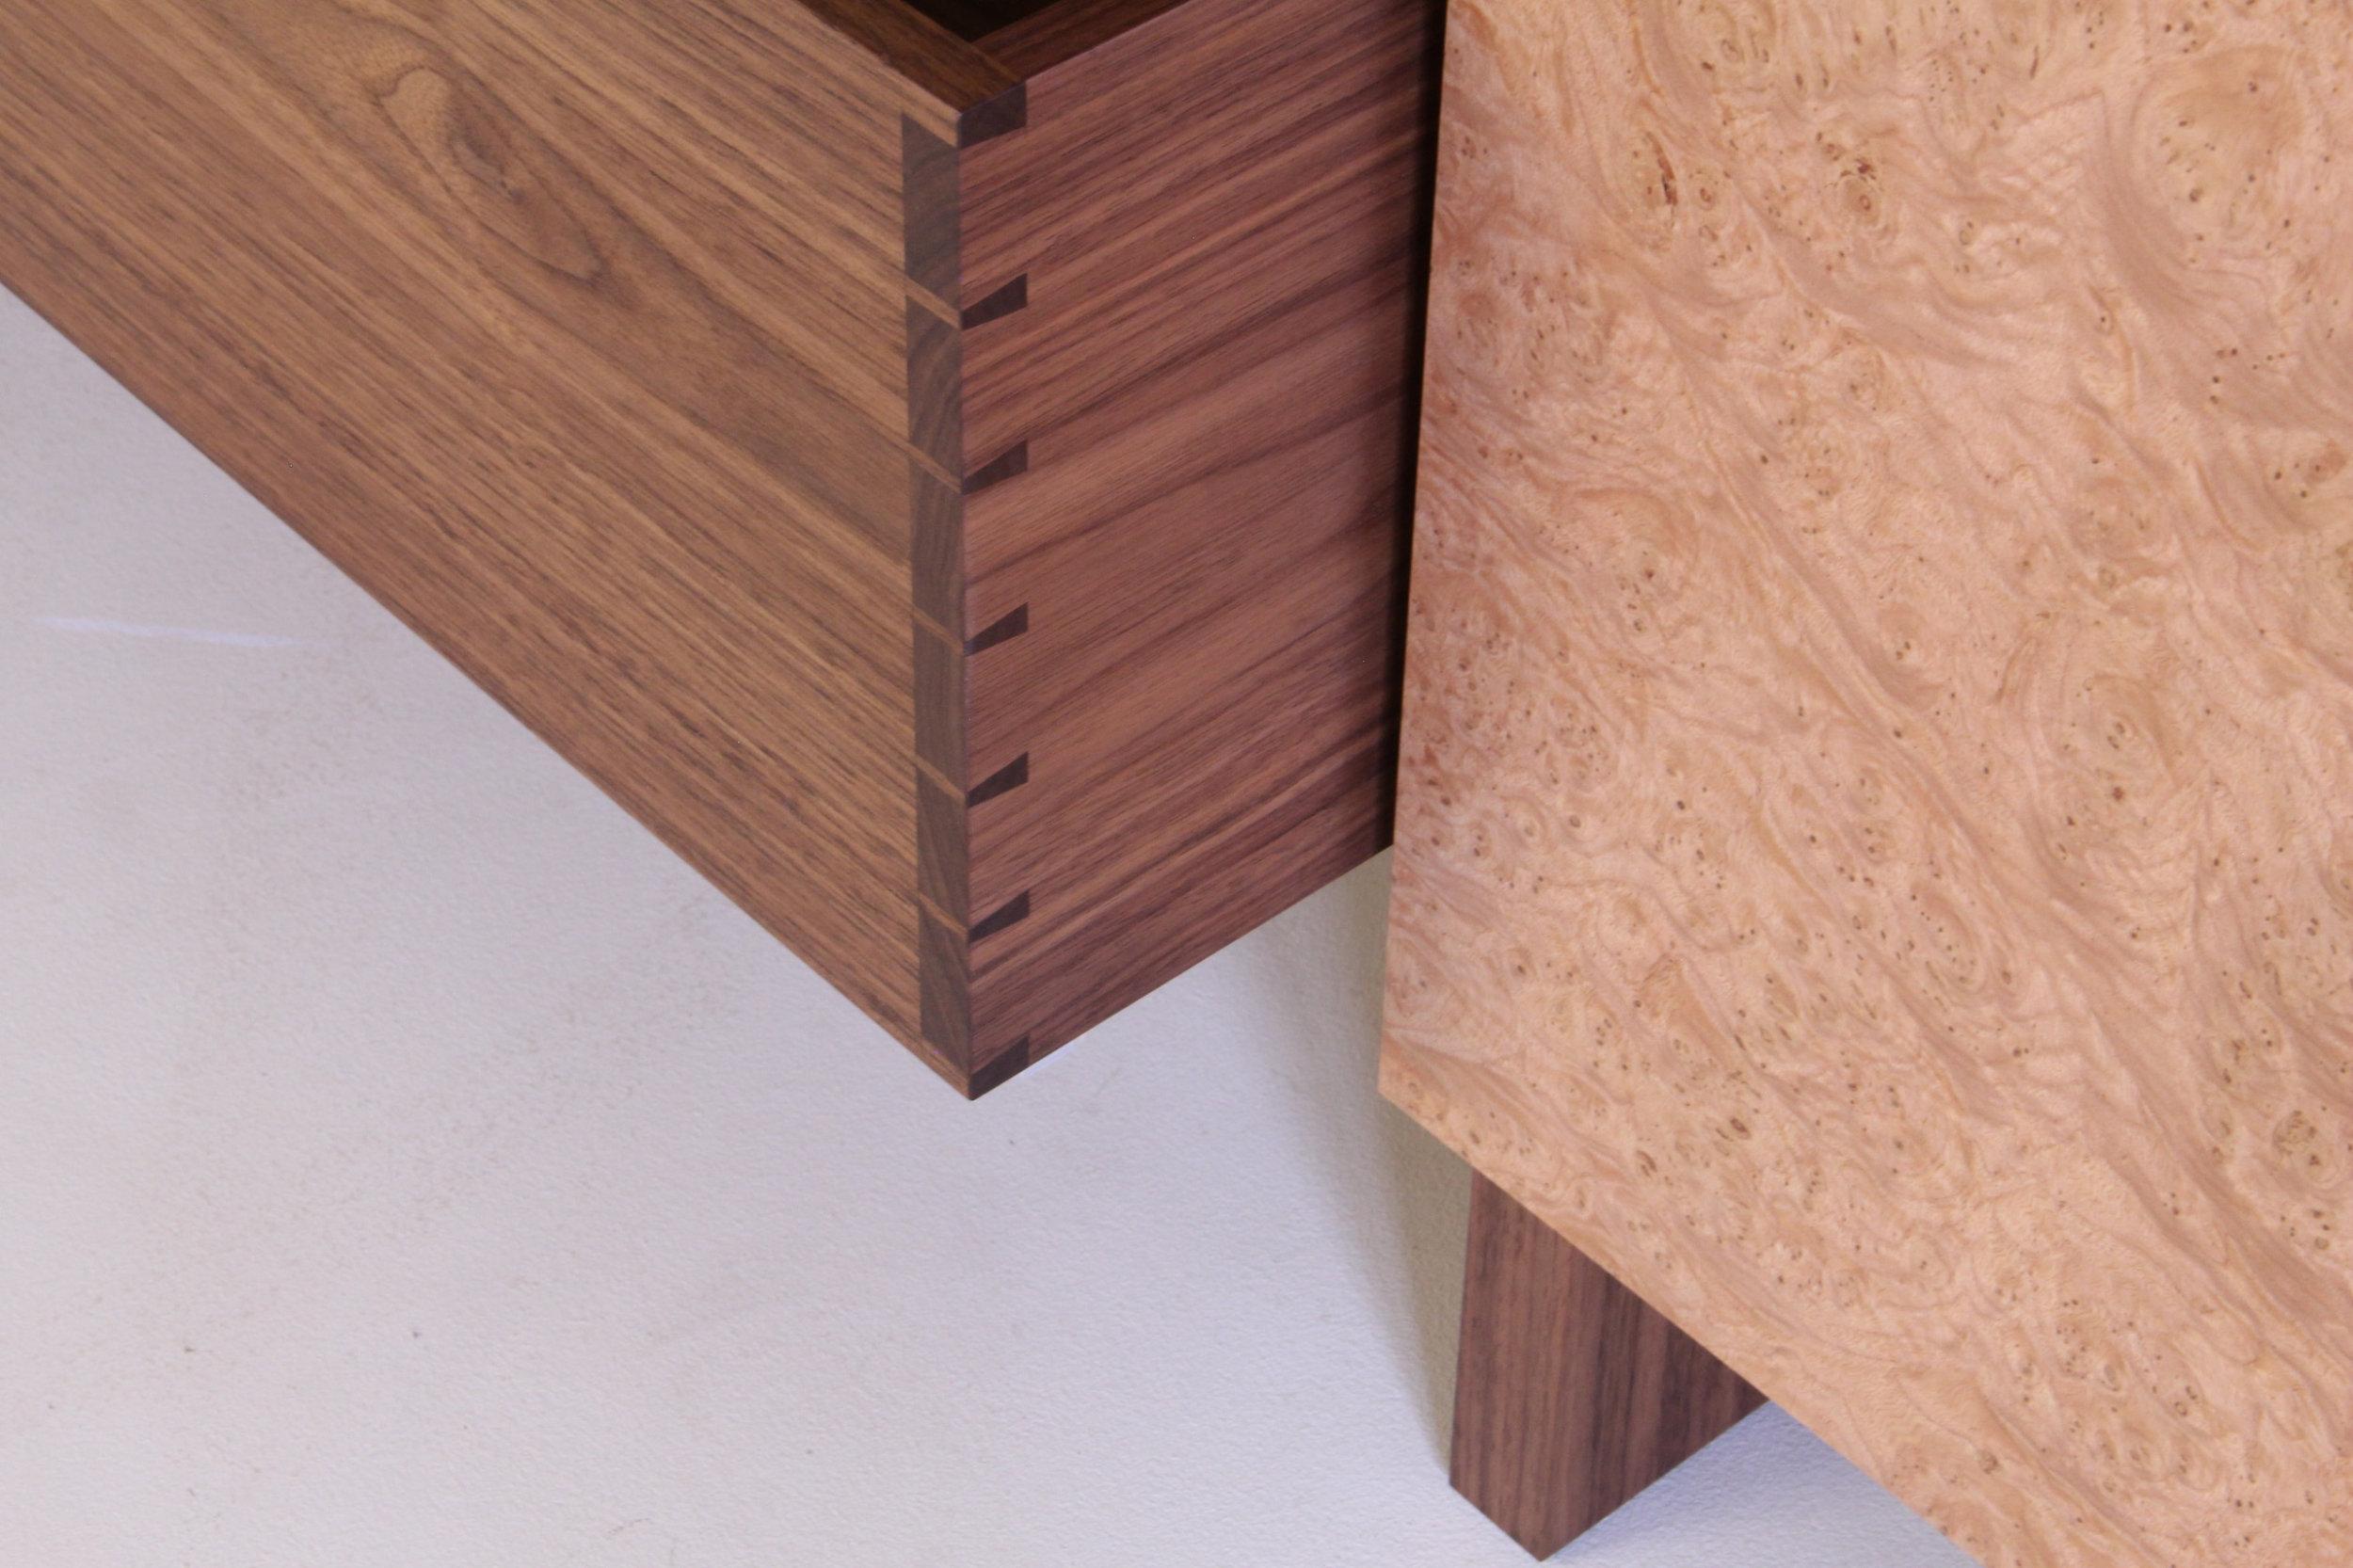 Reddy Sideboard detail 1.jpg